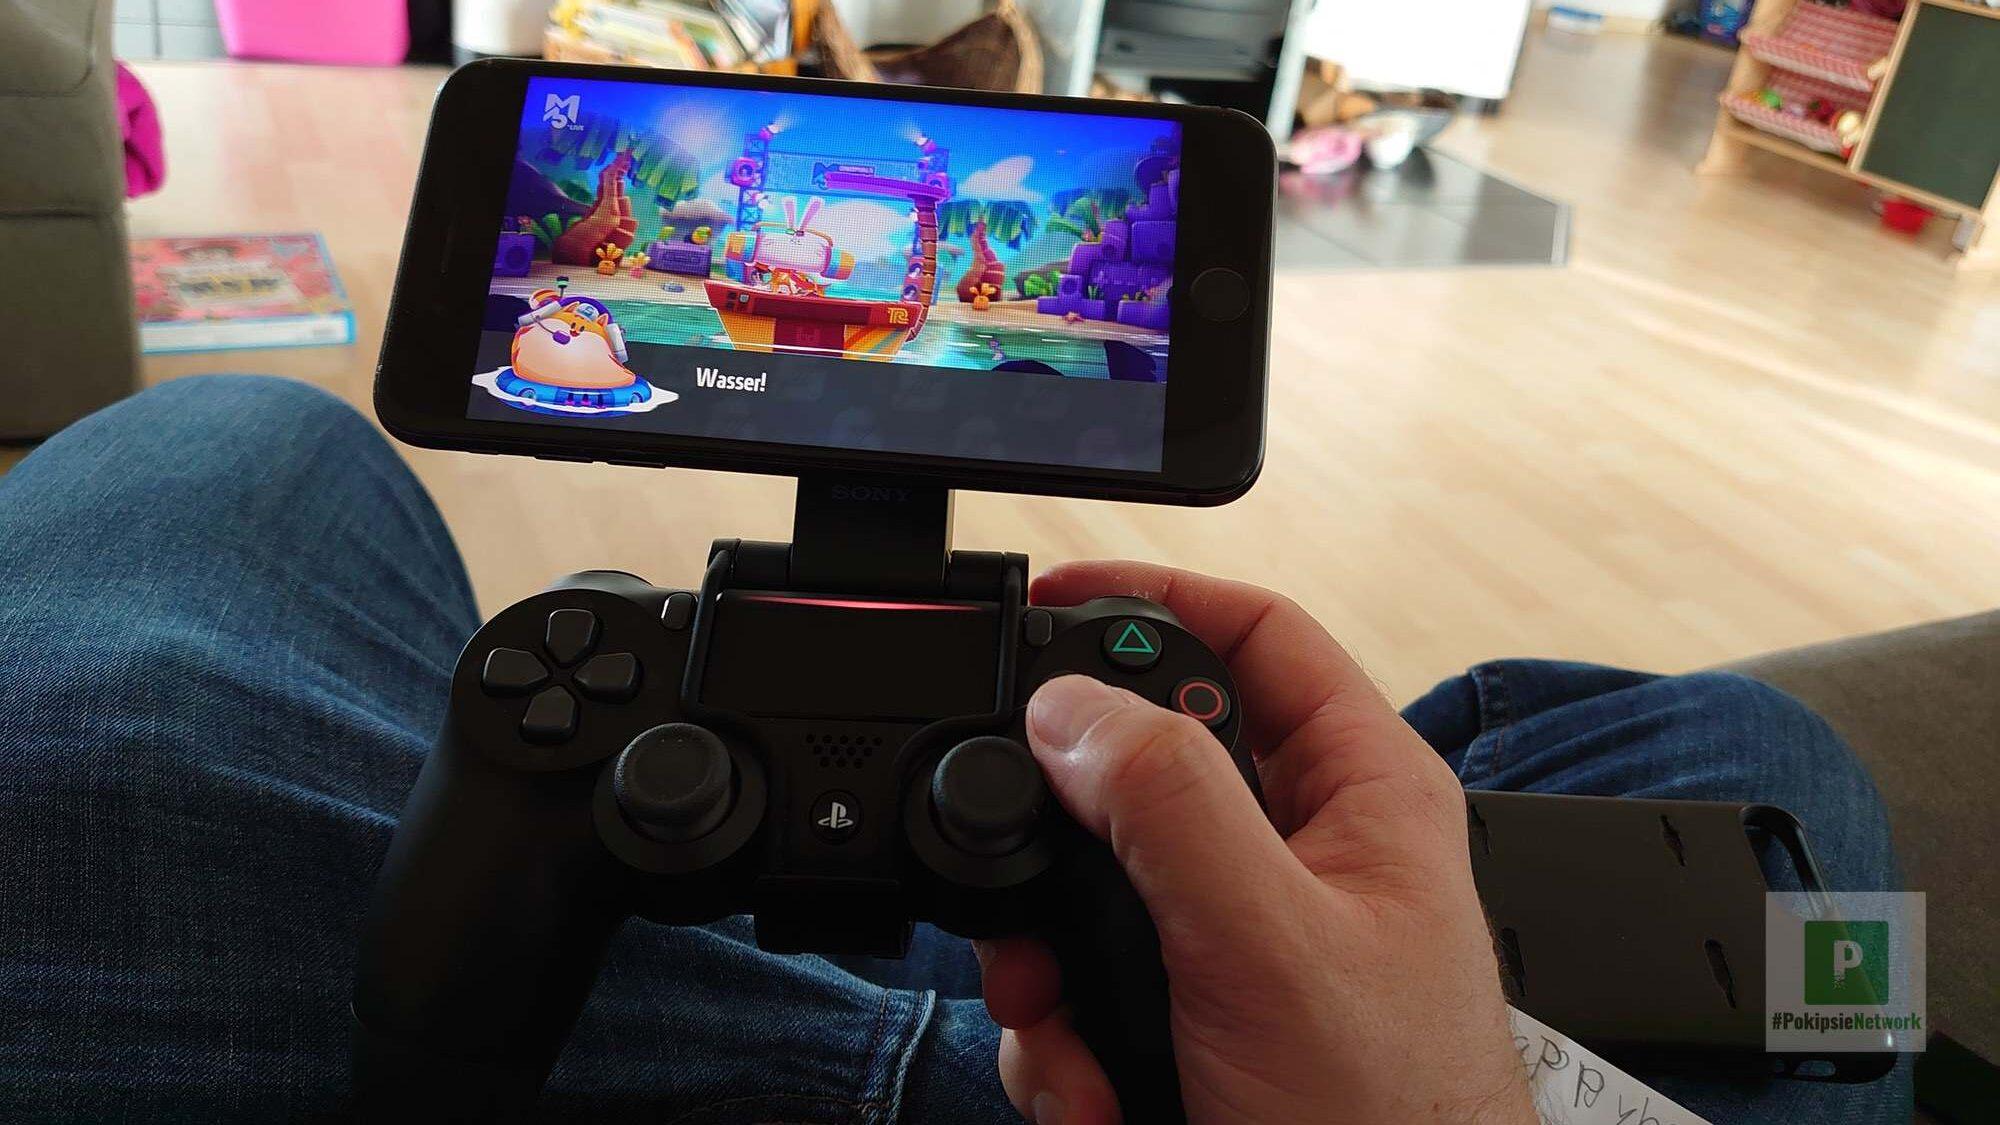 Sony PS4 Game Control Mount – Verbinde dein Smartphone mit deinem PS4 Controller